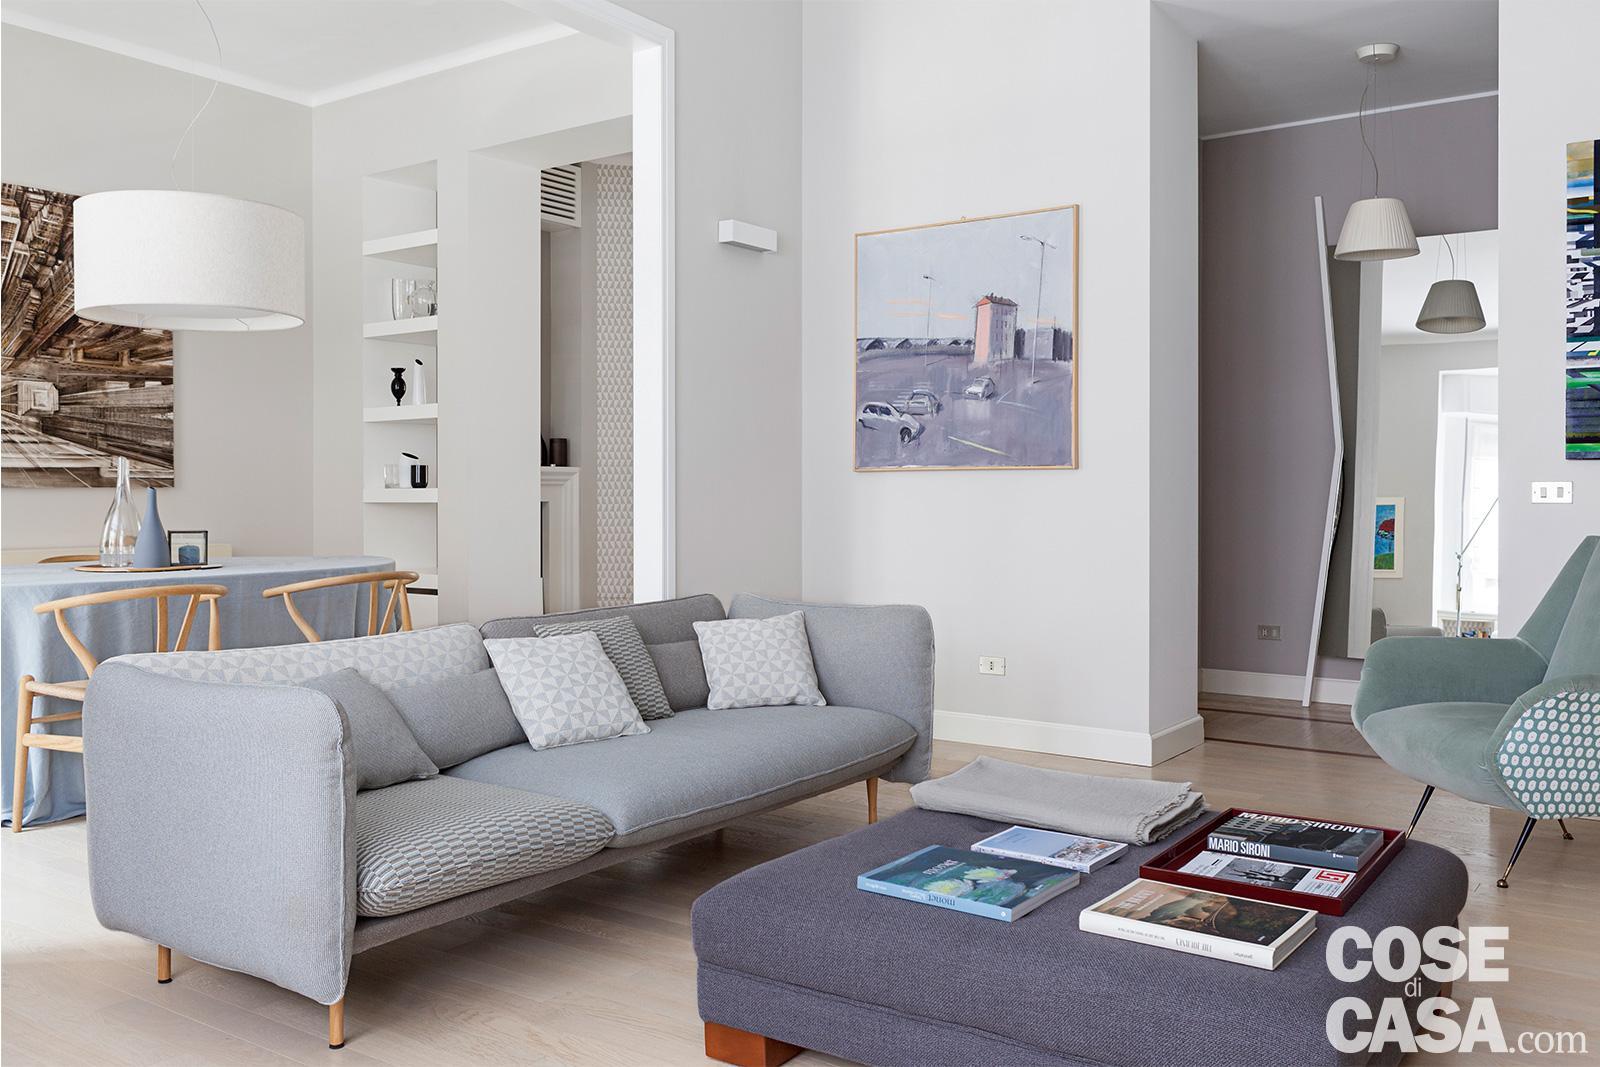 Arredare Casa Stile Marocco una casa in stile nordico, elegante e accogliente - cose di casa